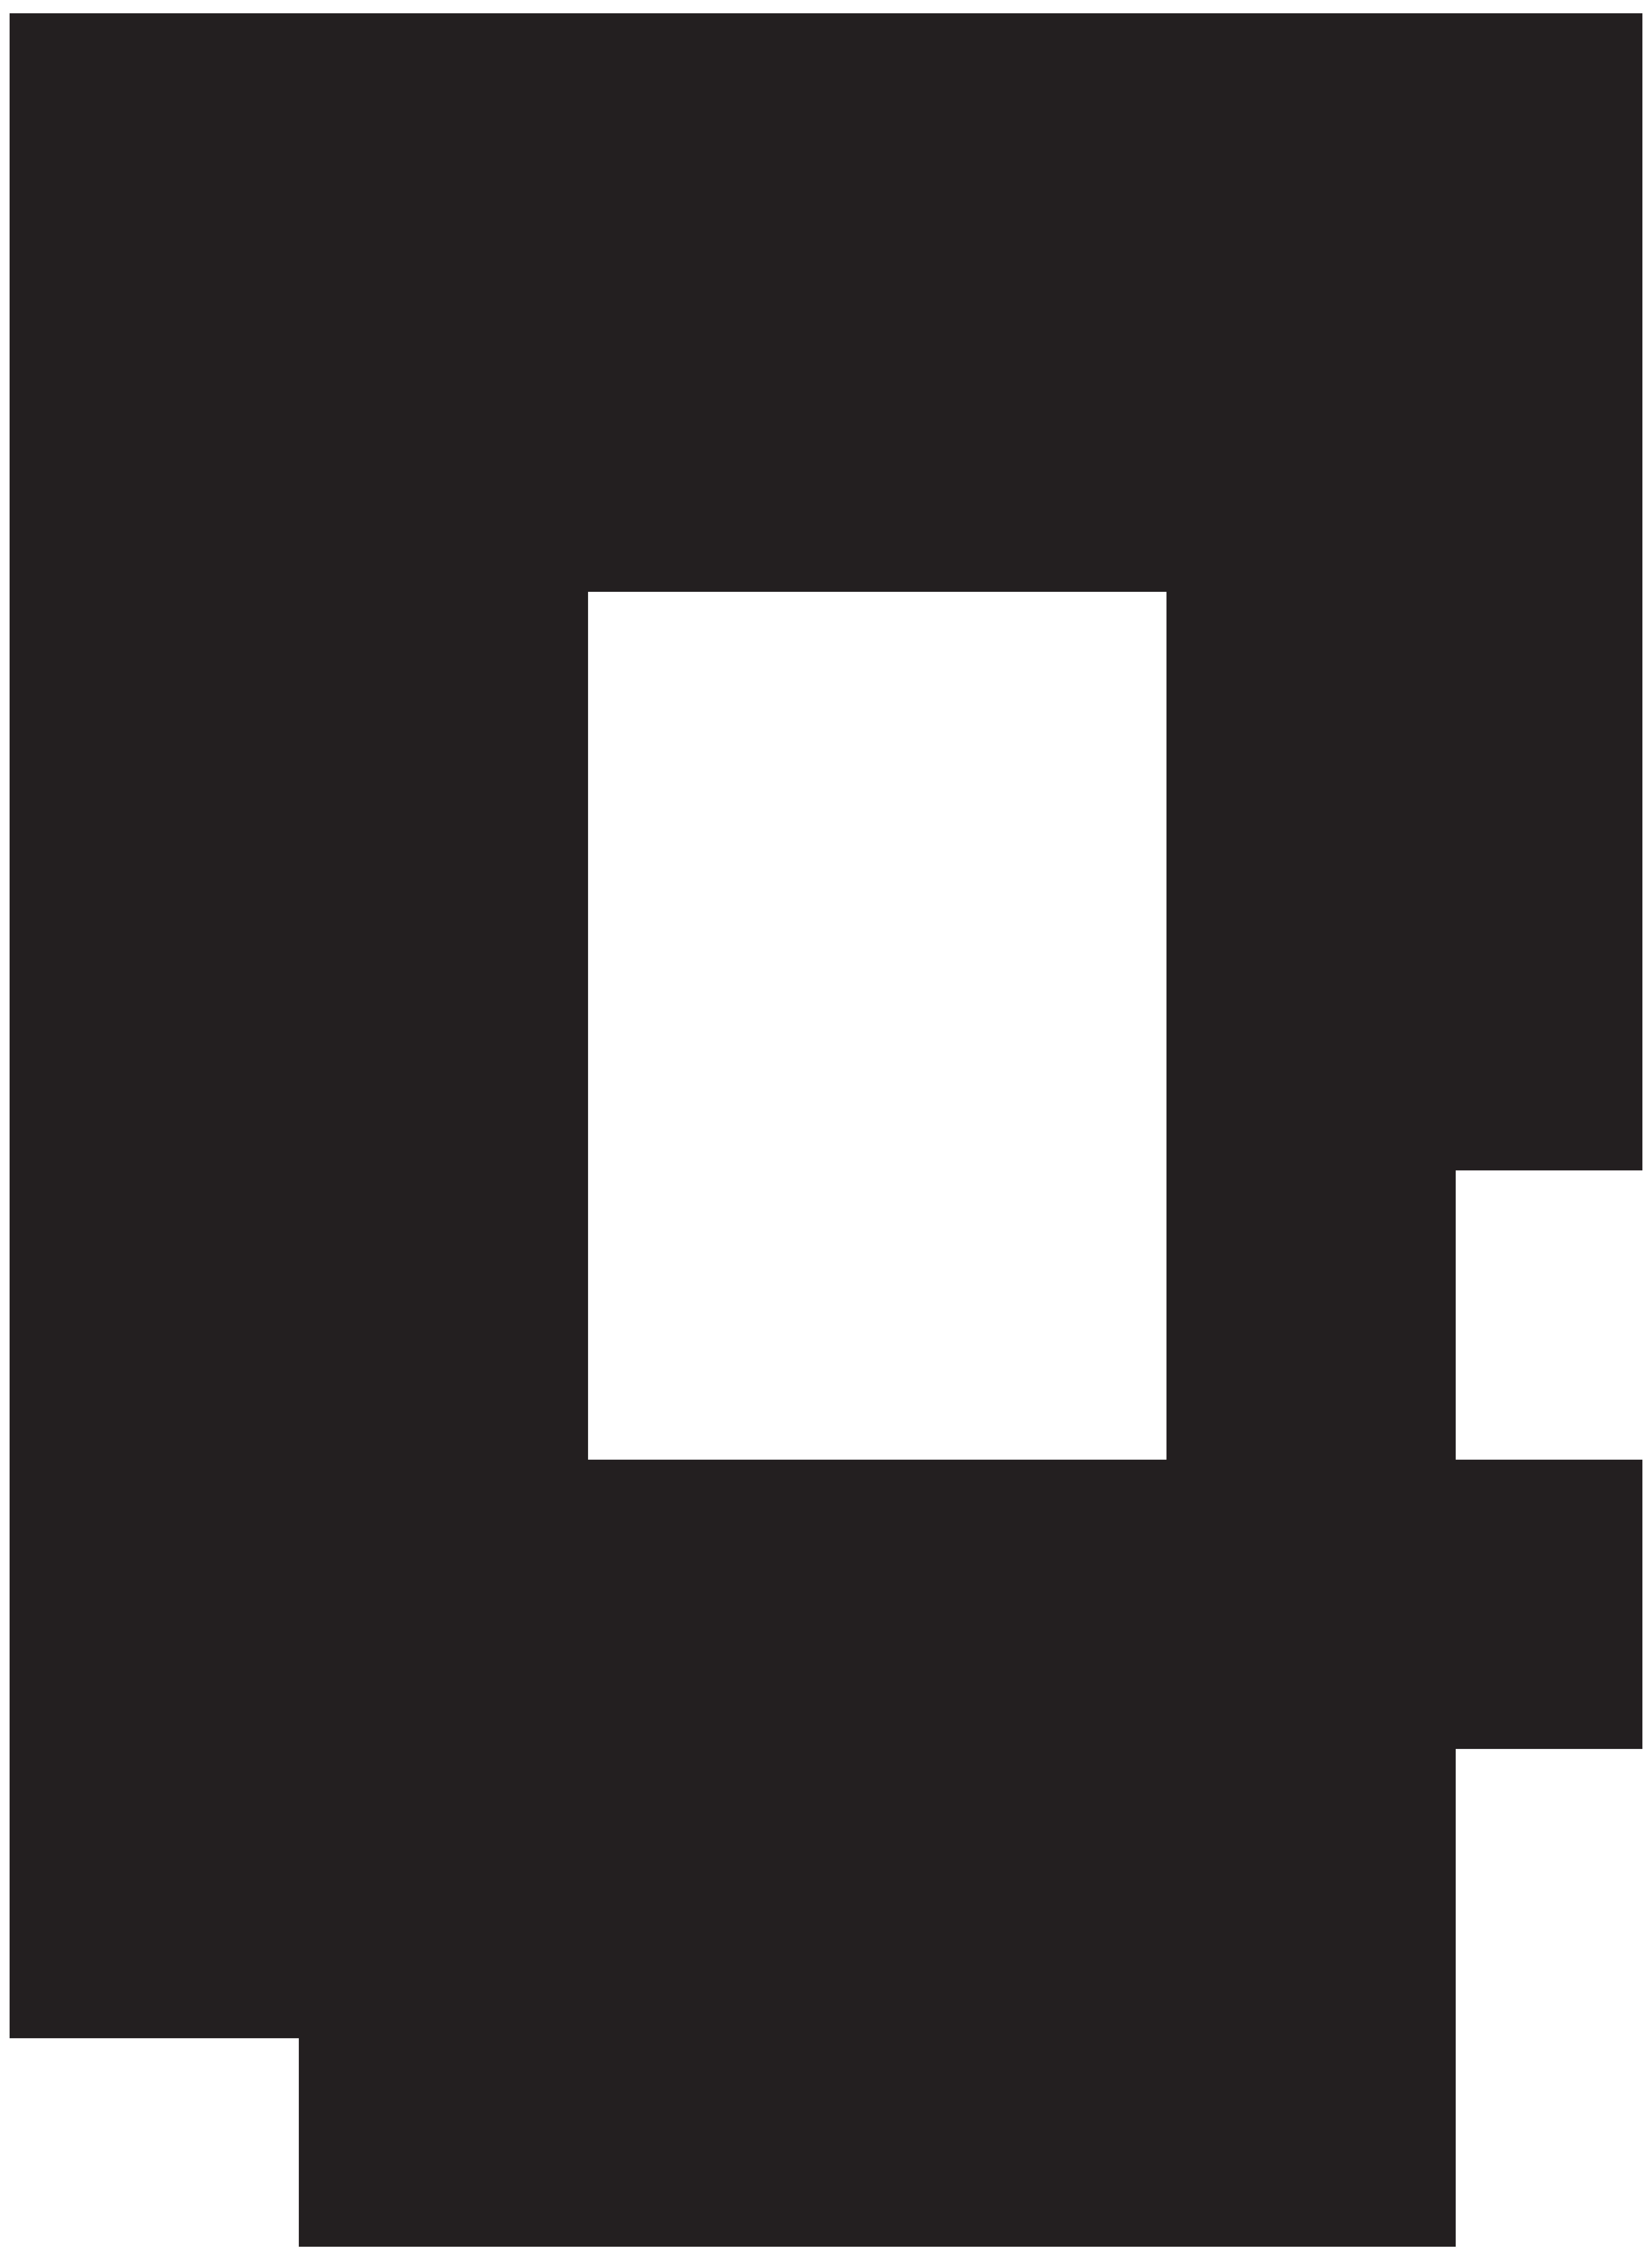 Man hair beard png. Mustache clipart